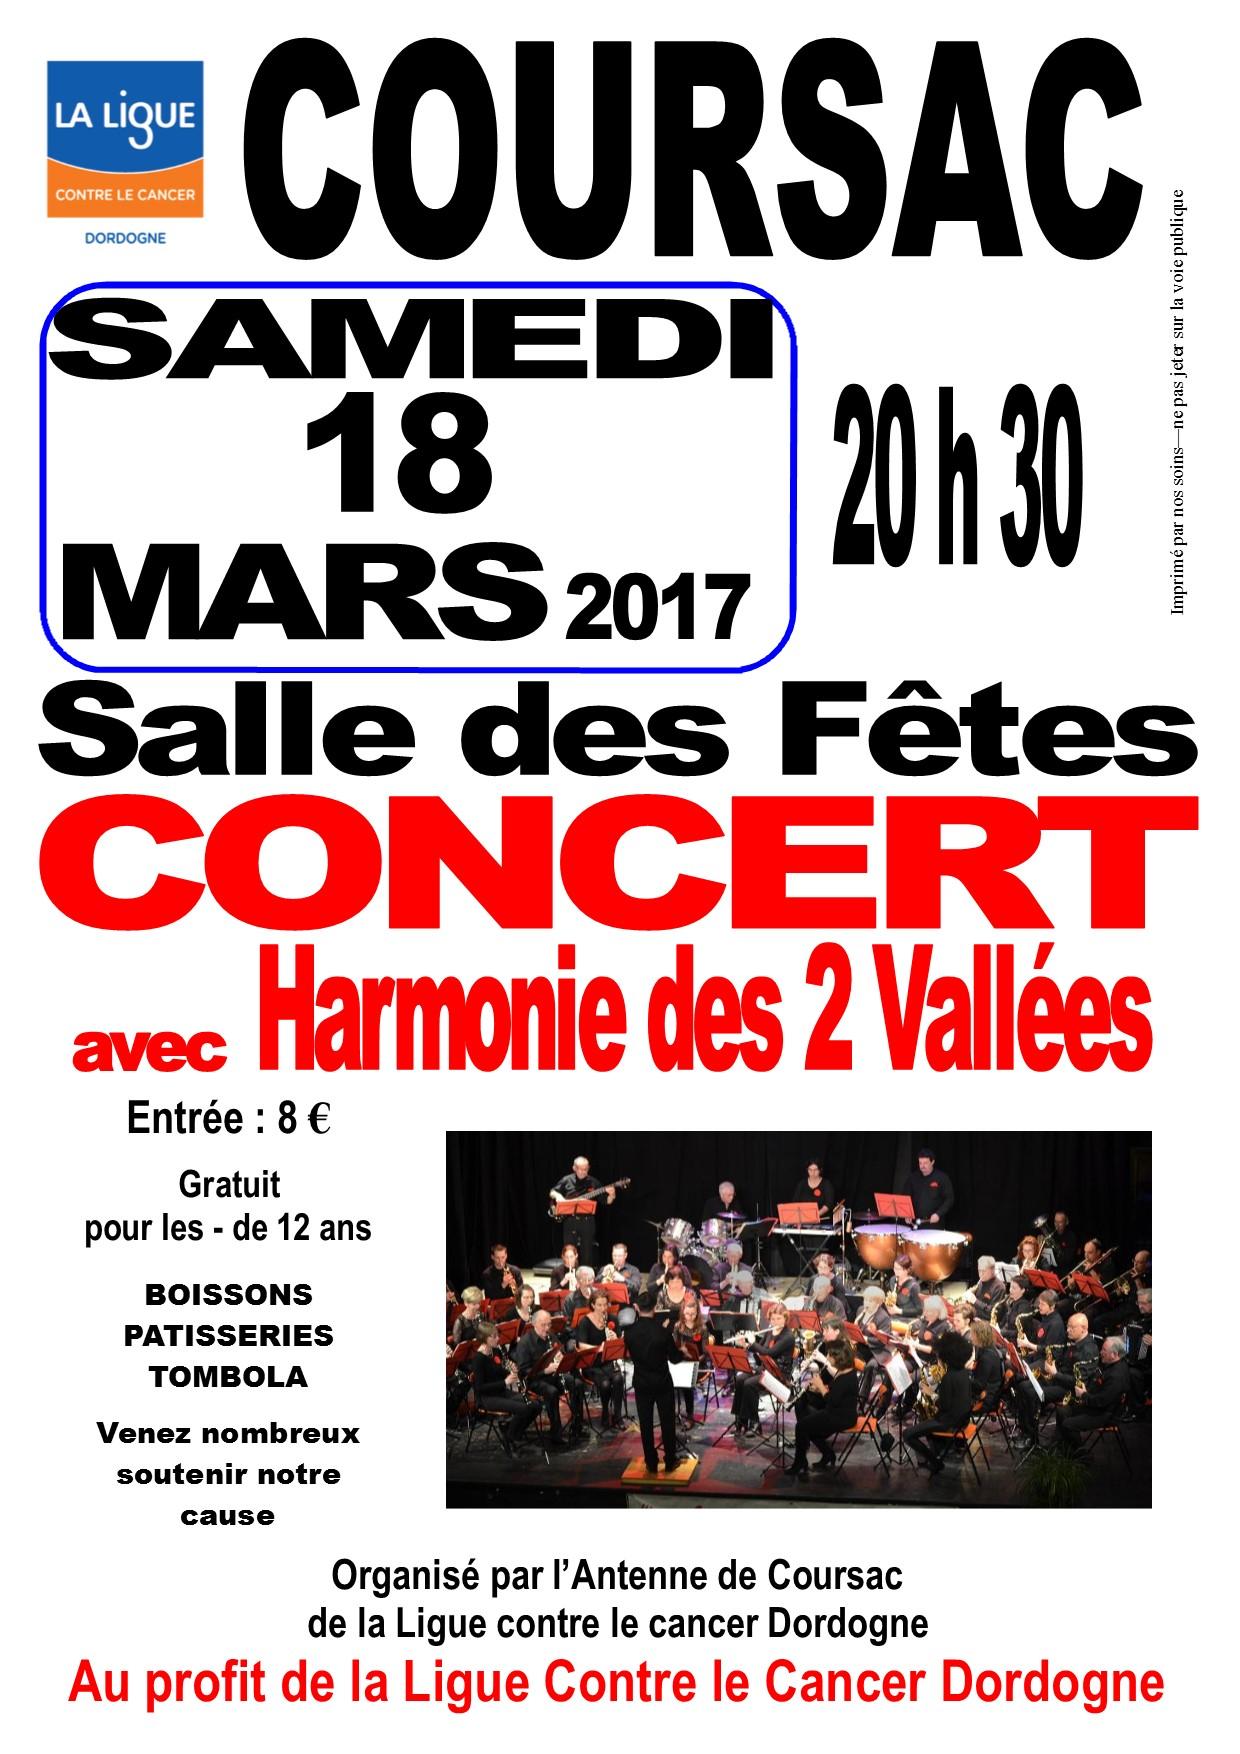 2017 03 18 coursac concert